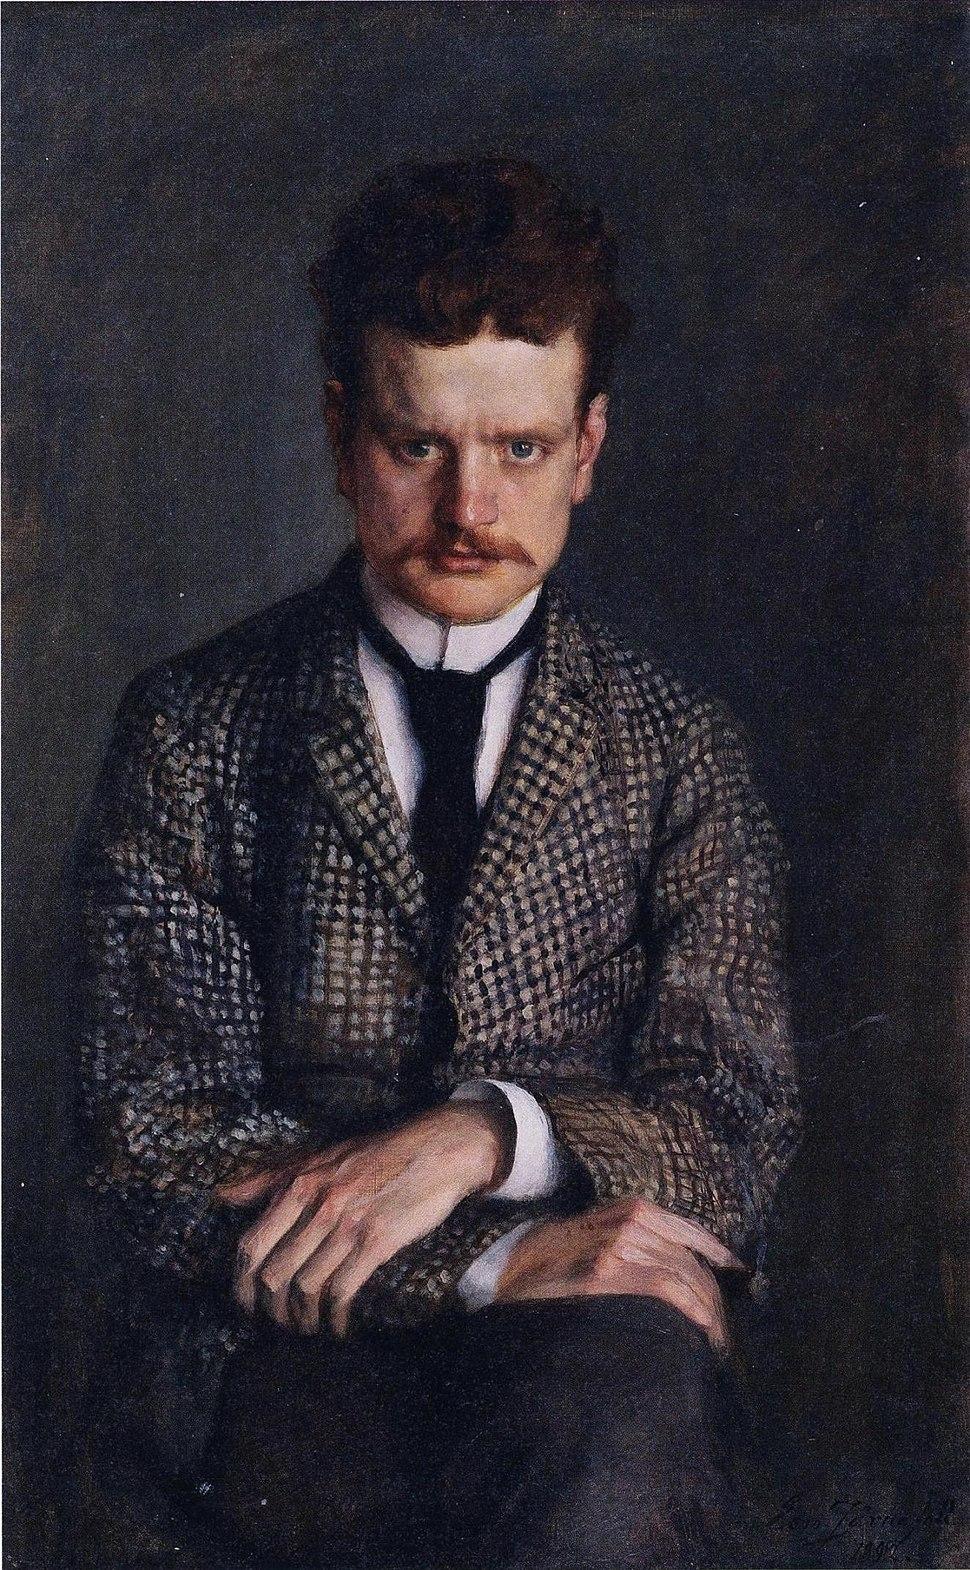 Jean Sibelius by Eero Järnefelt 1892